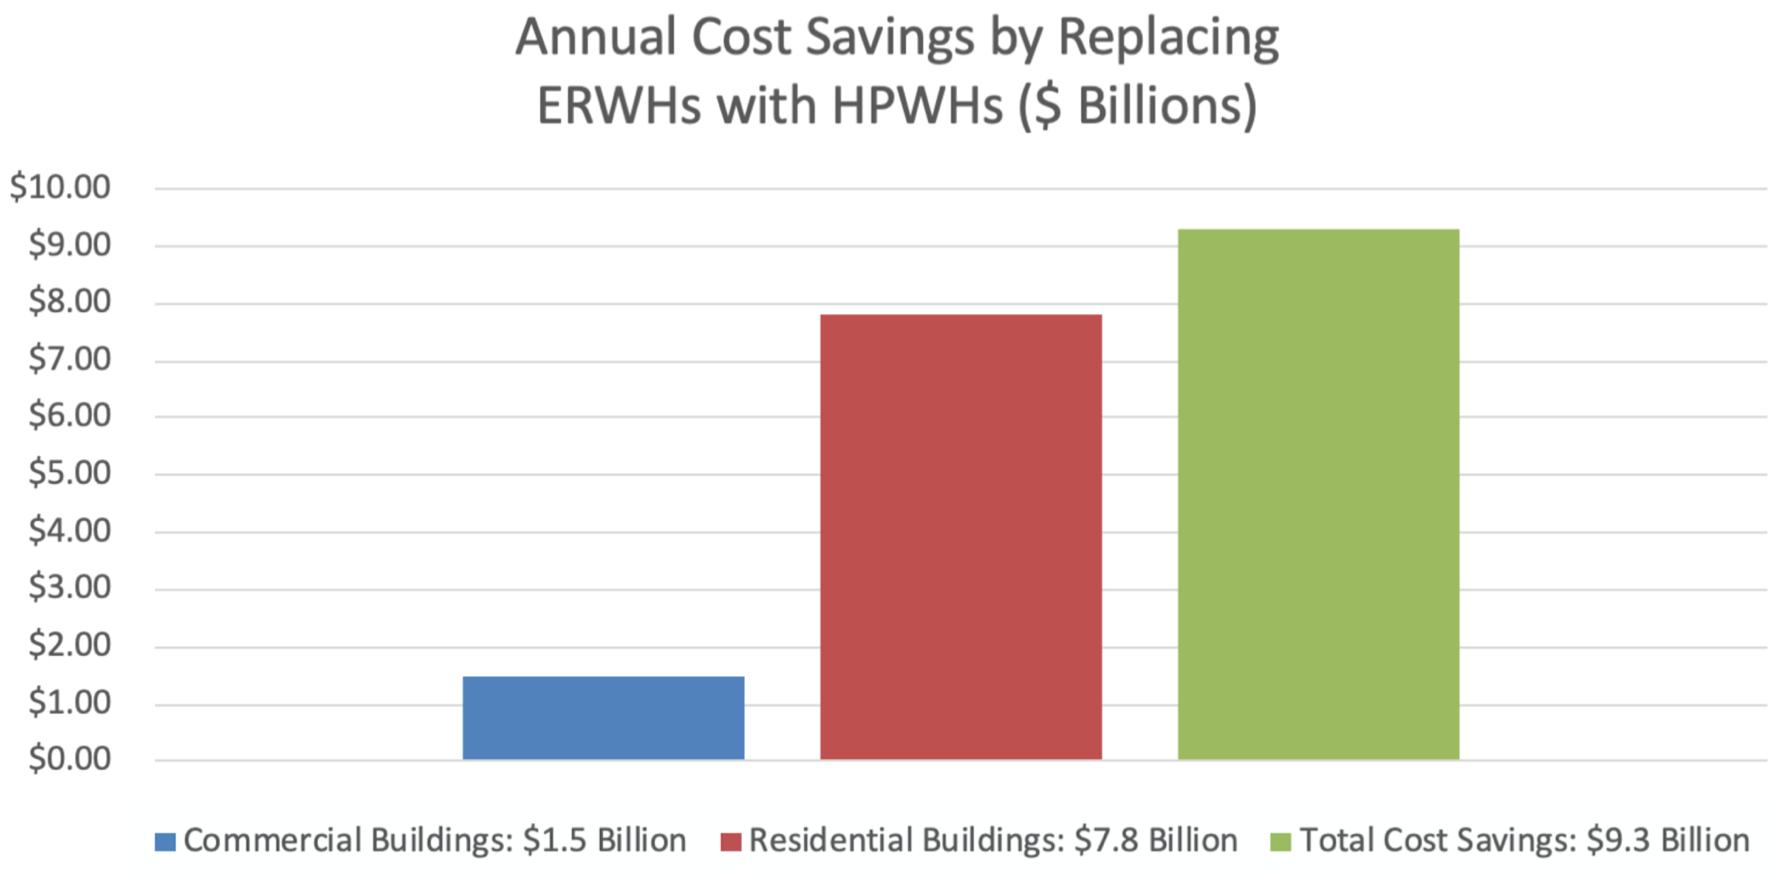 Heat-Pump Water Heaters Cost Savings